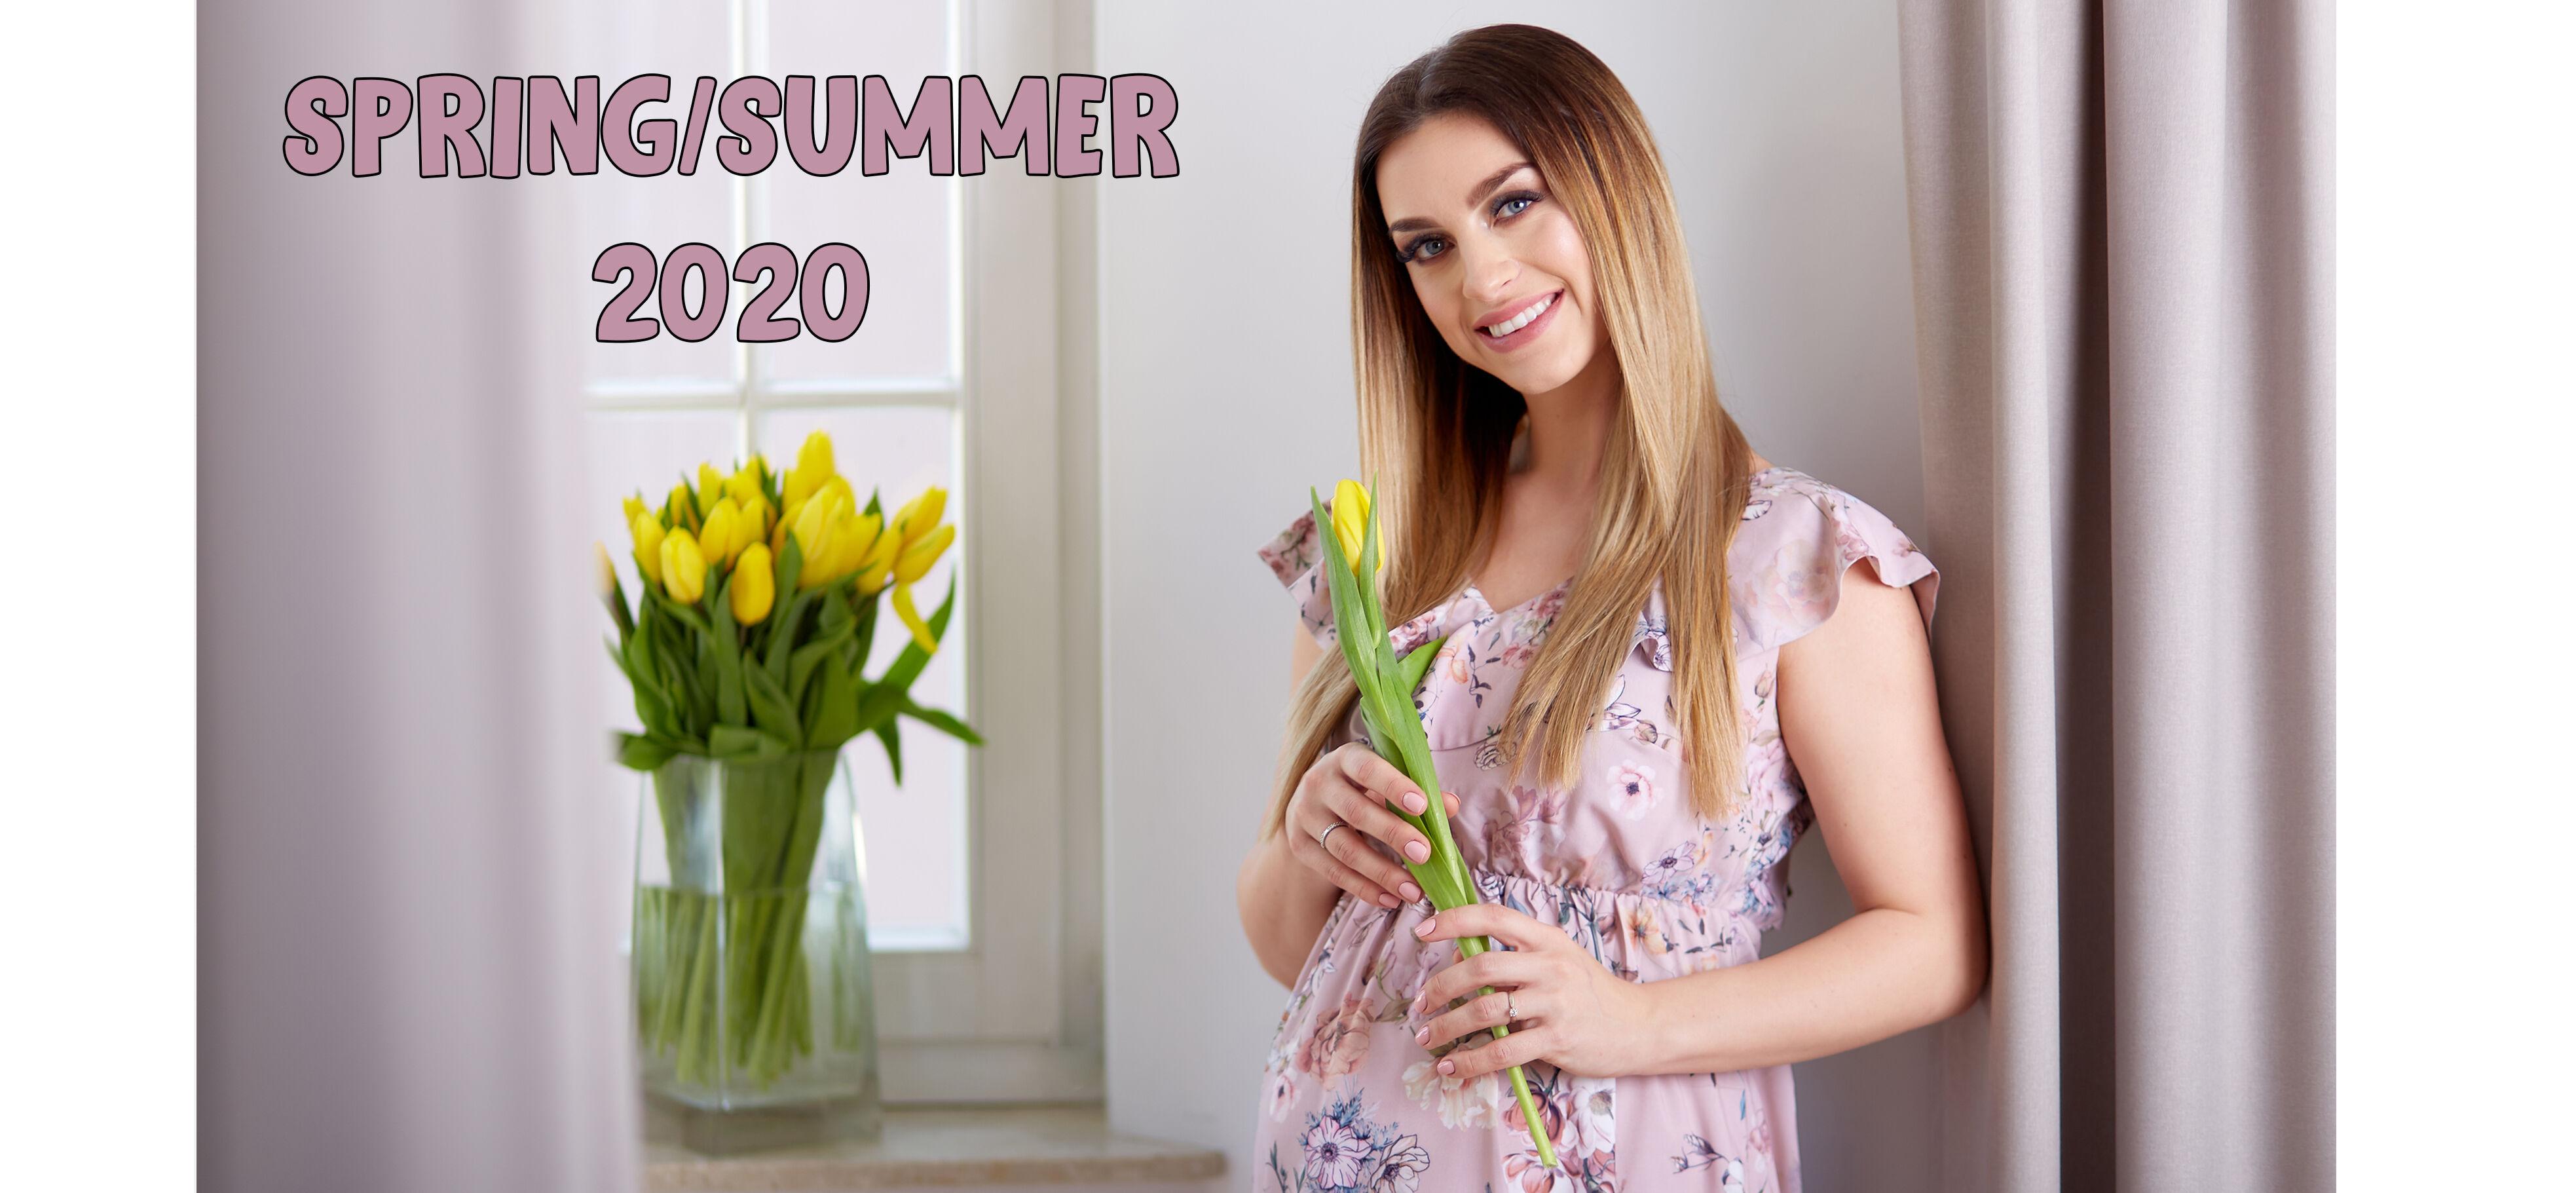 spring/summer_2020